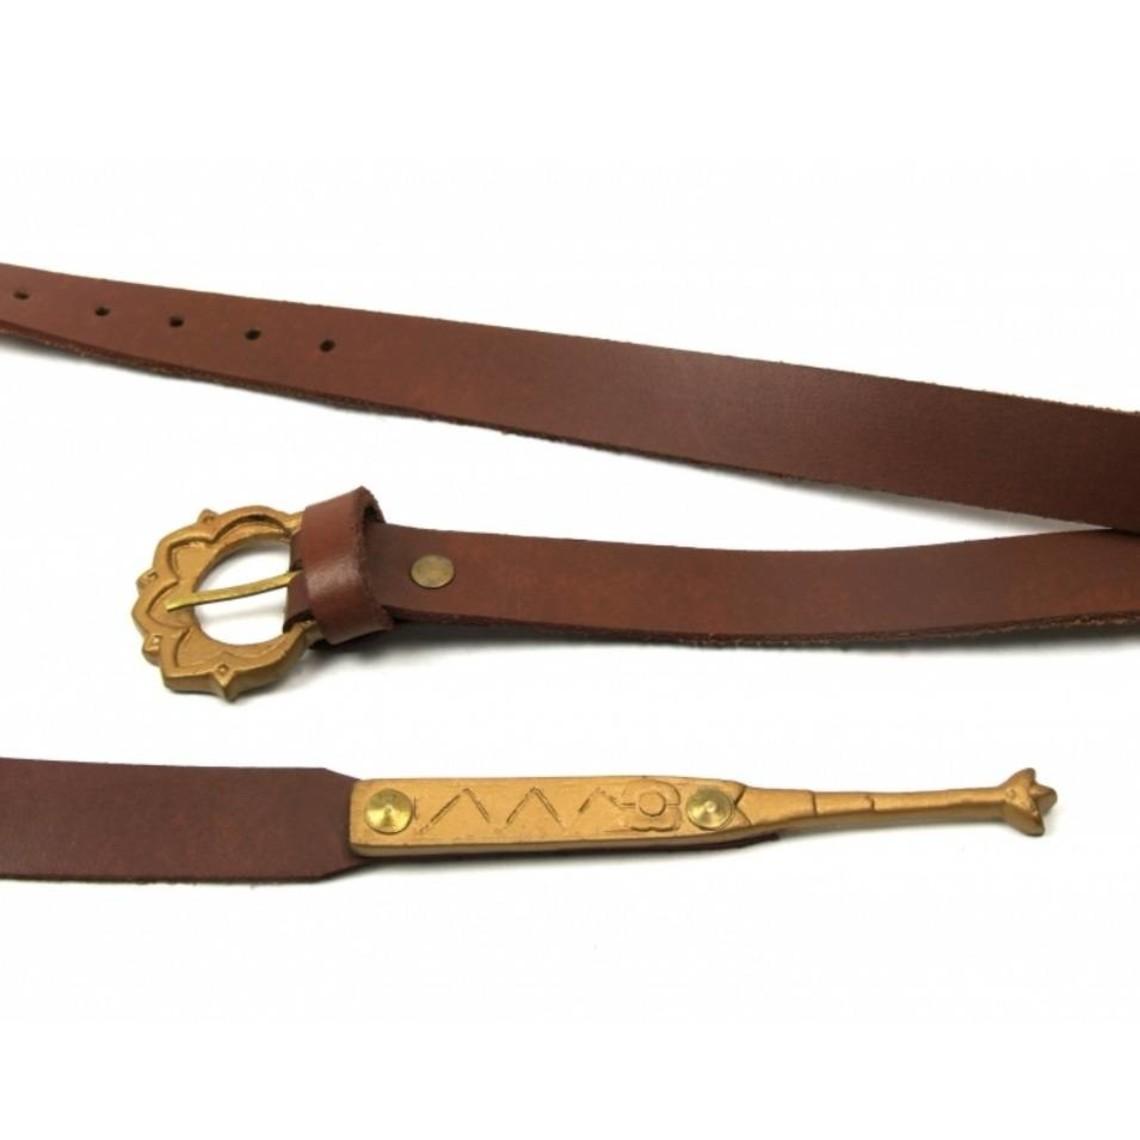 Leonardo Carbone Cinturón medieval Iseburgis, marrón